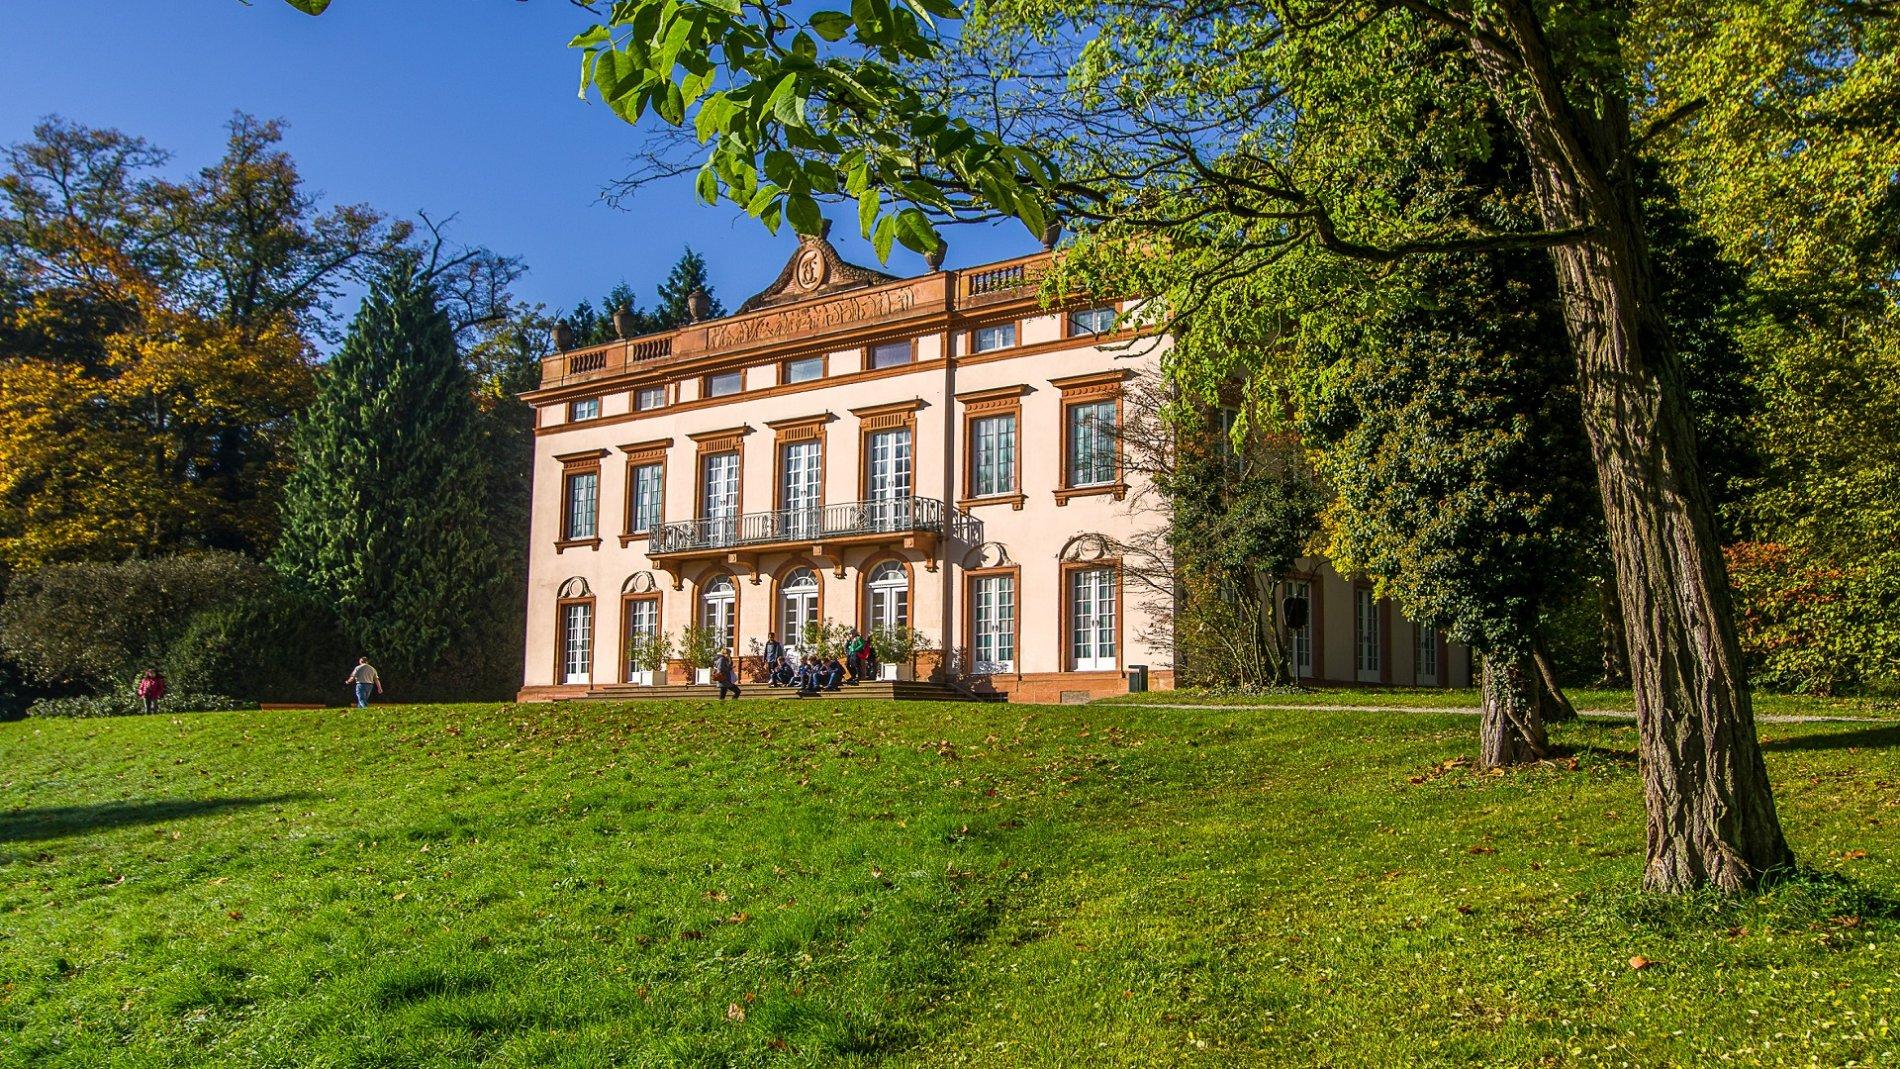 Blick auf Schloss Schönbusch im Park Schönbusch in Aschaffenburg